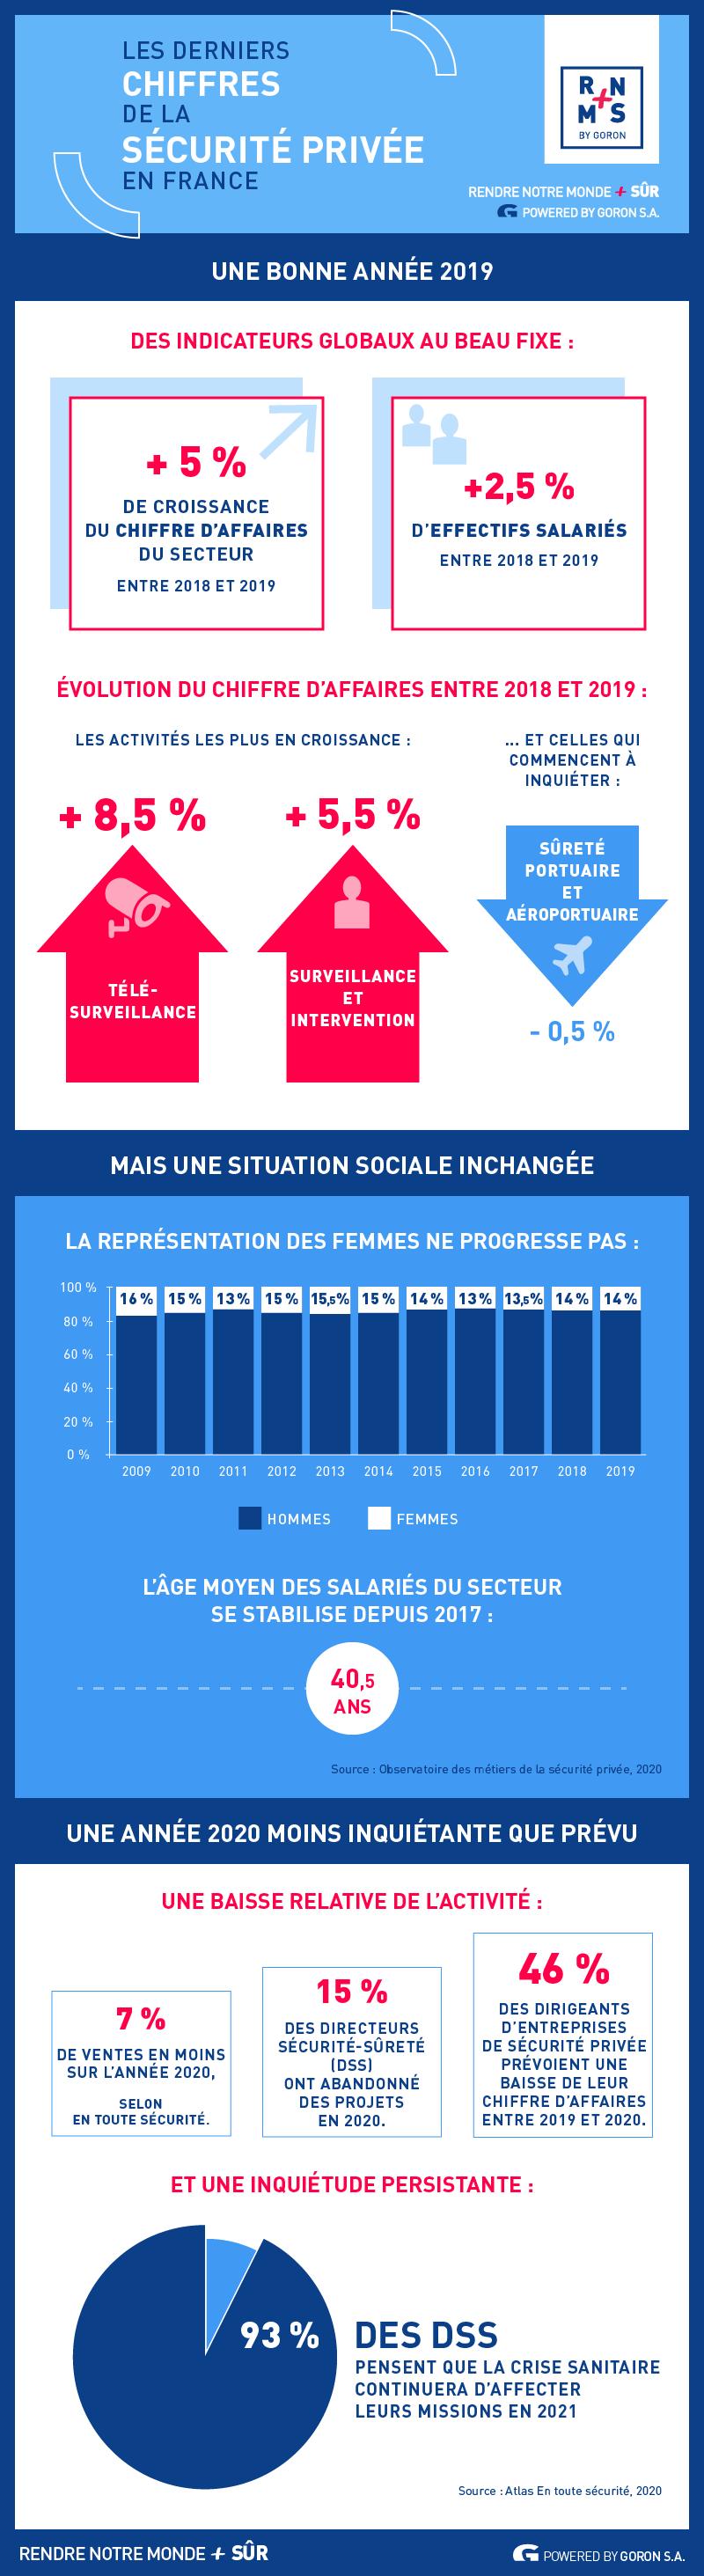 Infographie des chiffres 2021 de la sécurité privée